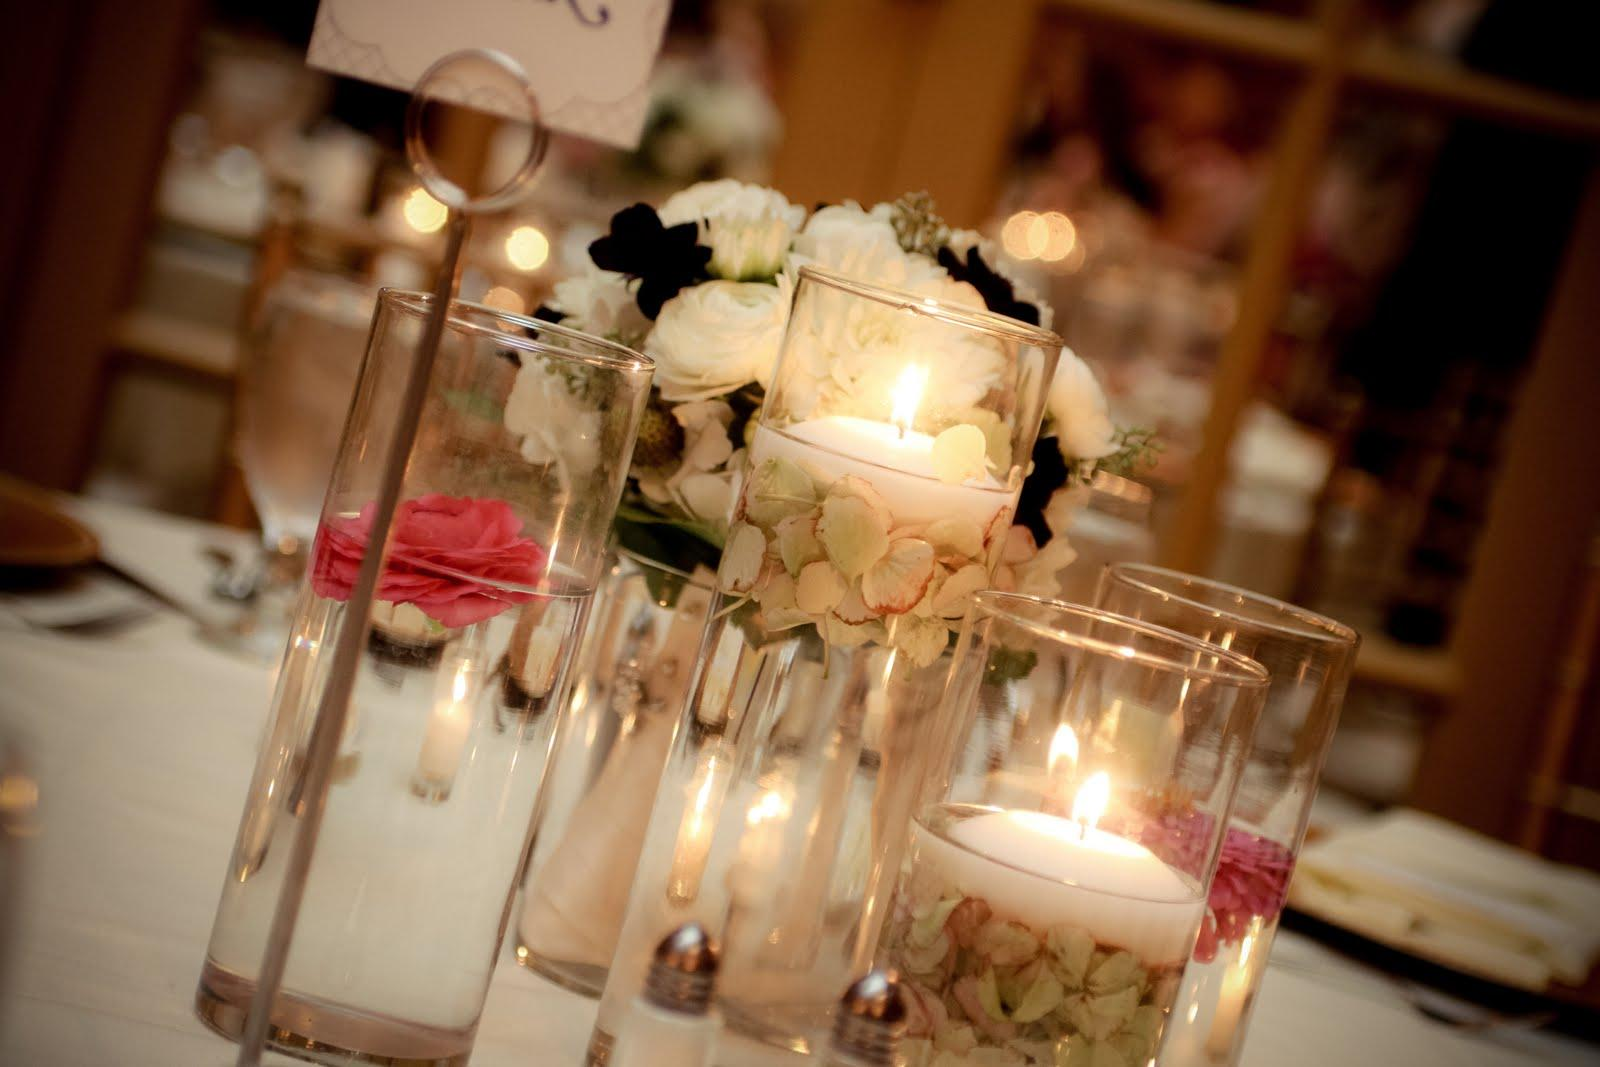 GLASS VASE WEDDING